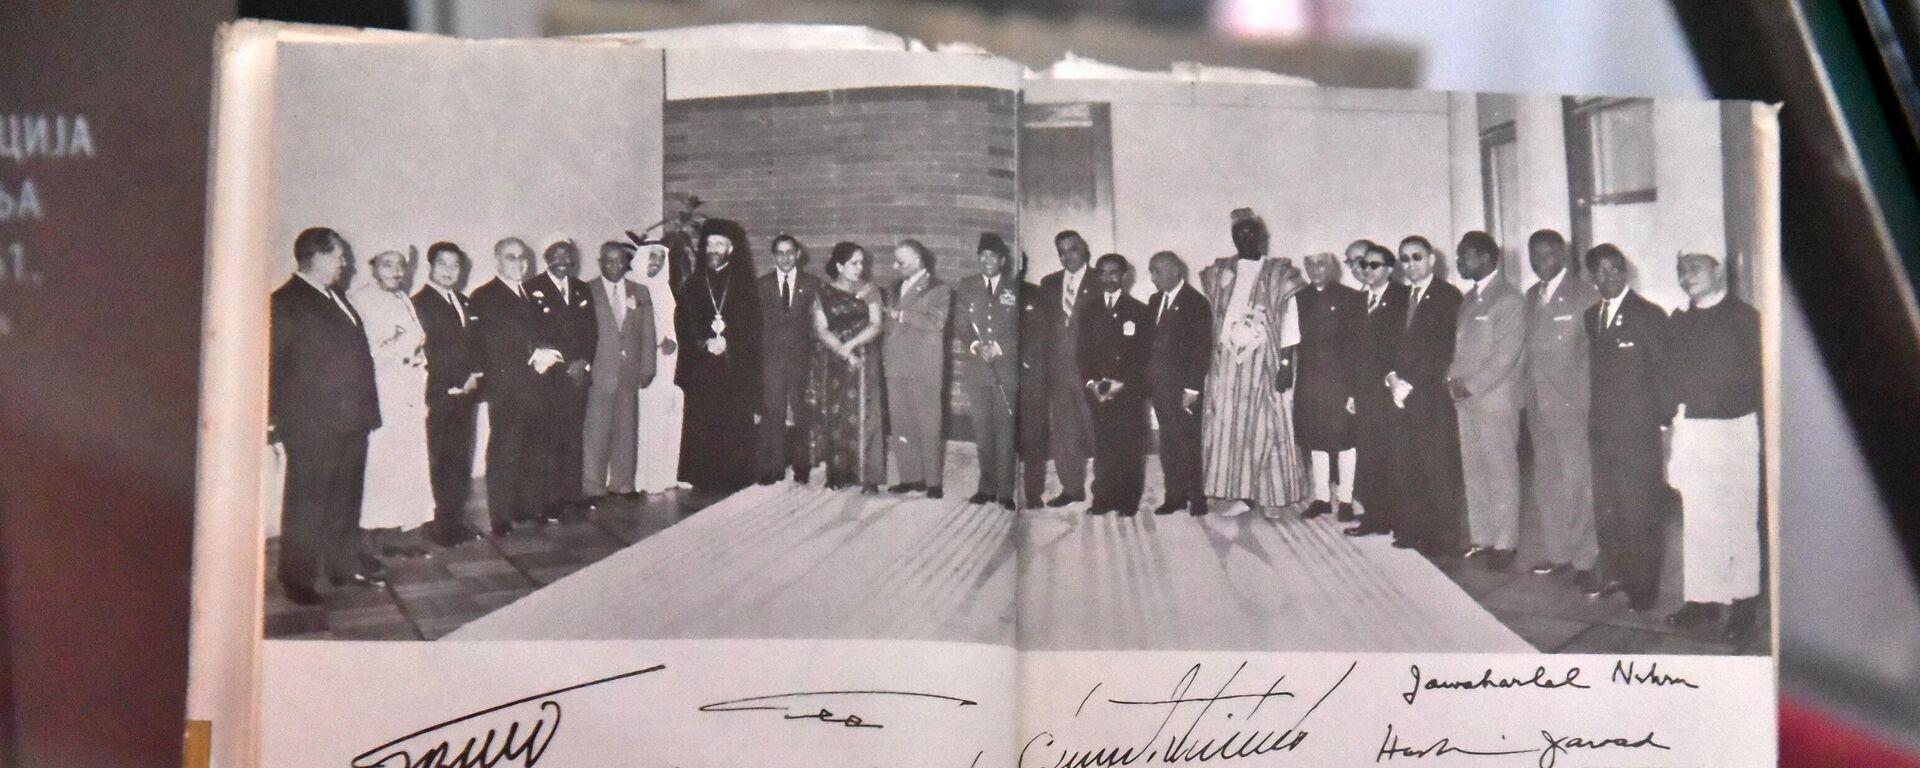 Na konferenciji se u Beogradu okupilo 25 nezavisnih država koje su sve bile punopravni učesnici - Sputnik Srbija, 1920, 10.10.2021